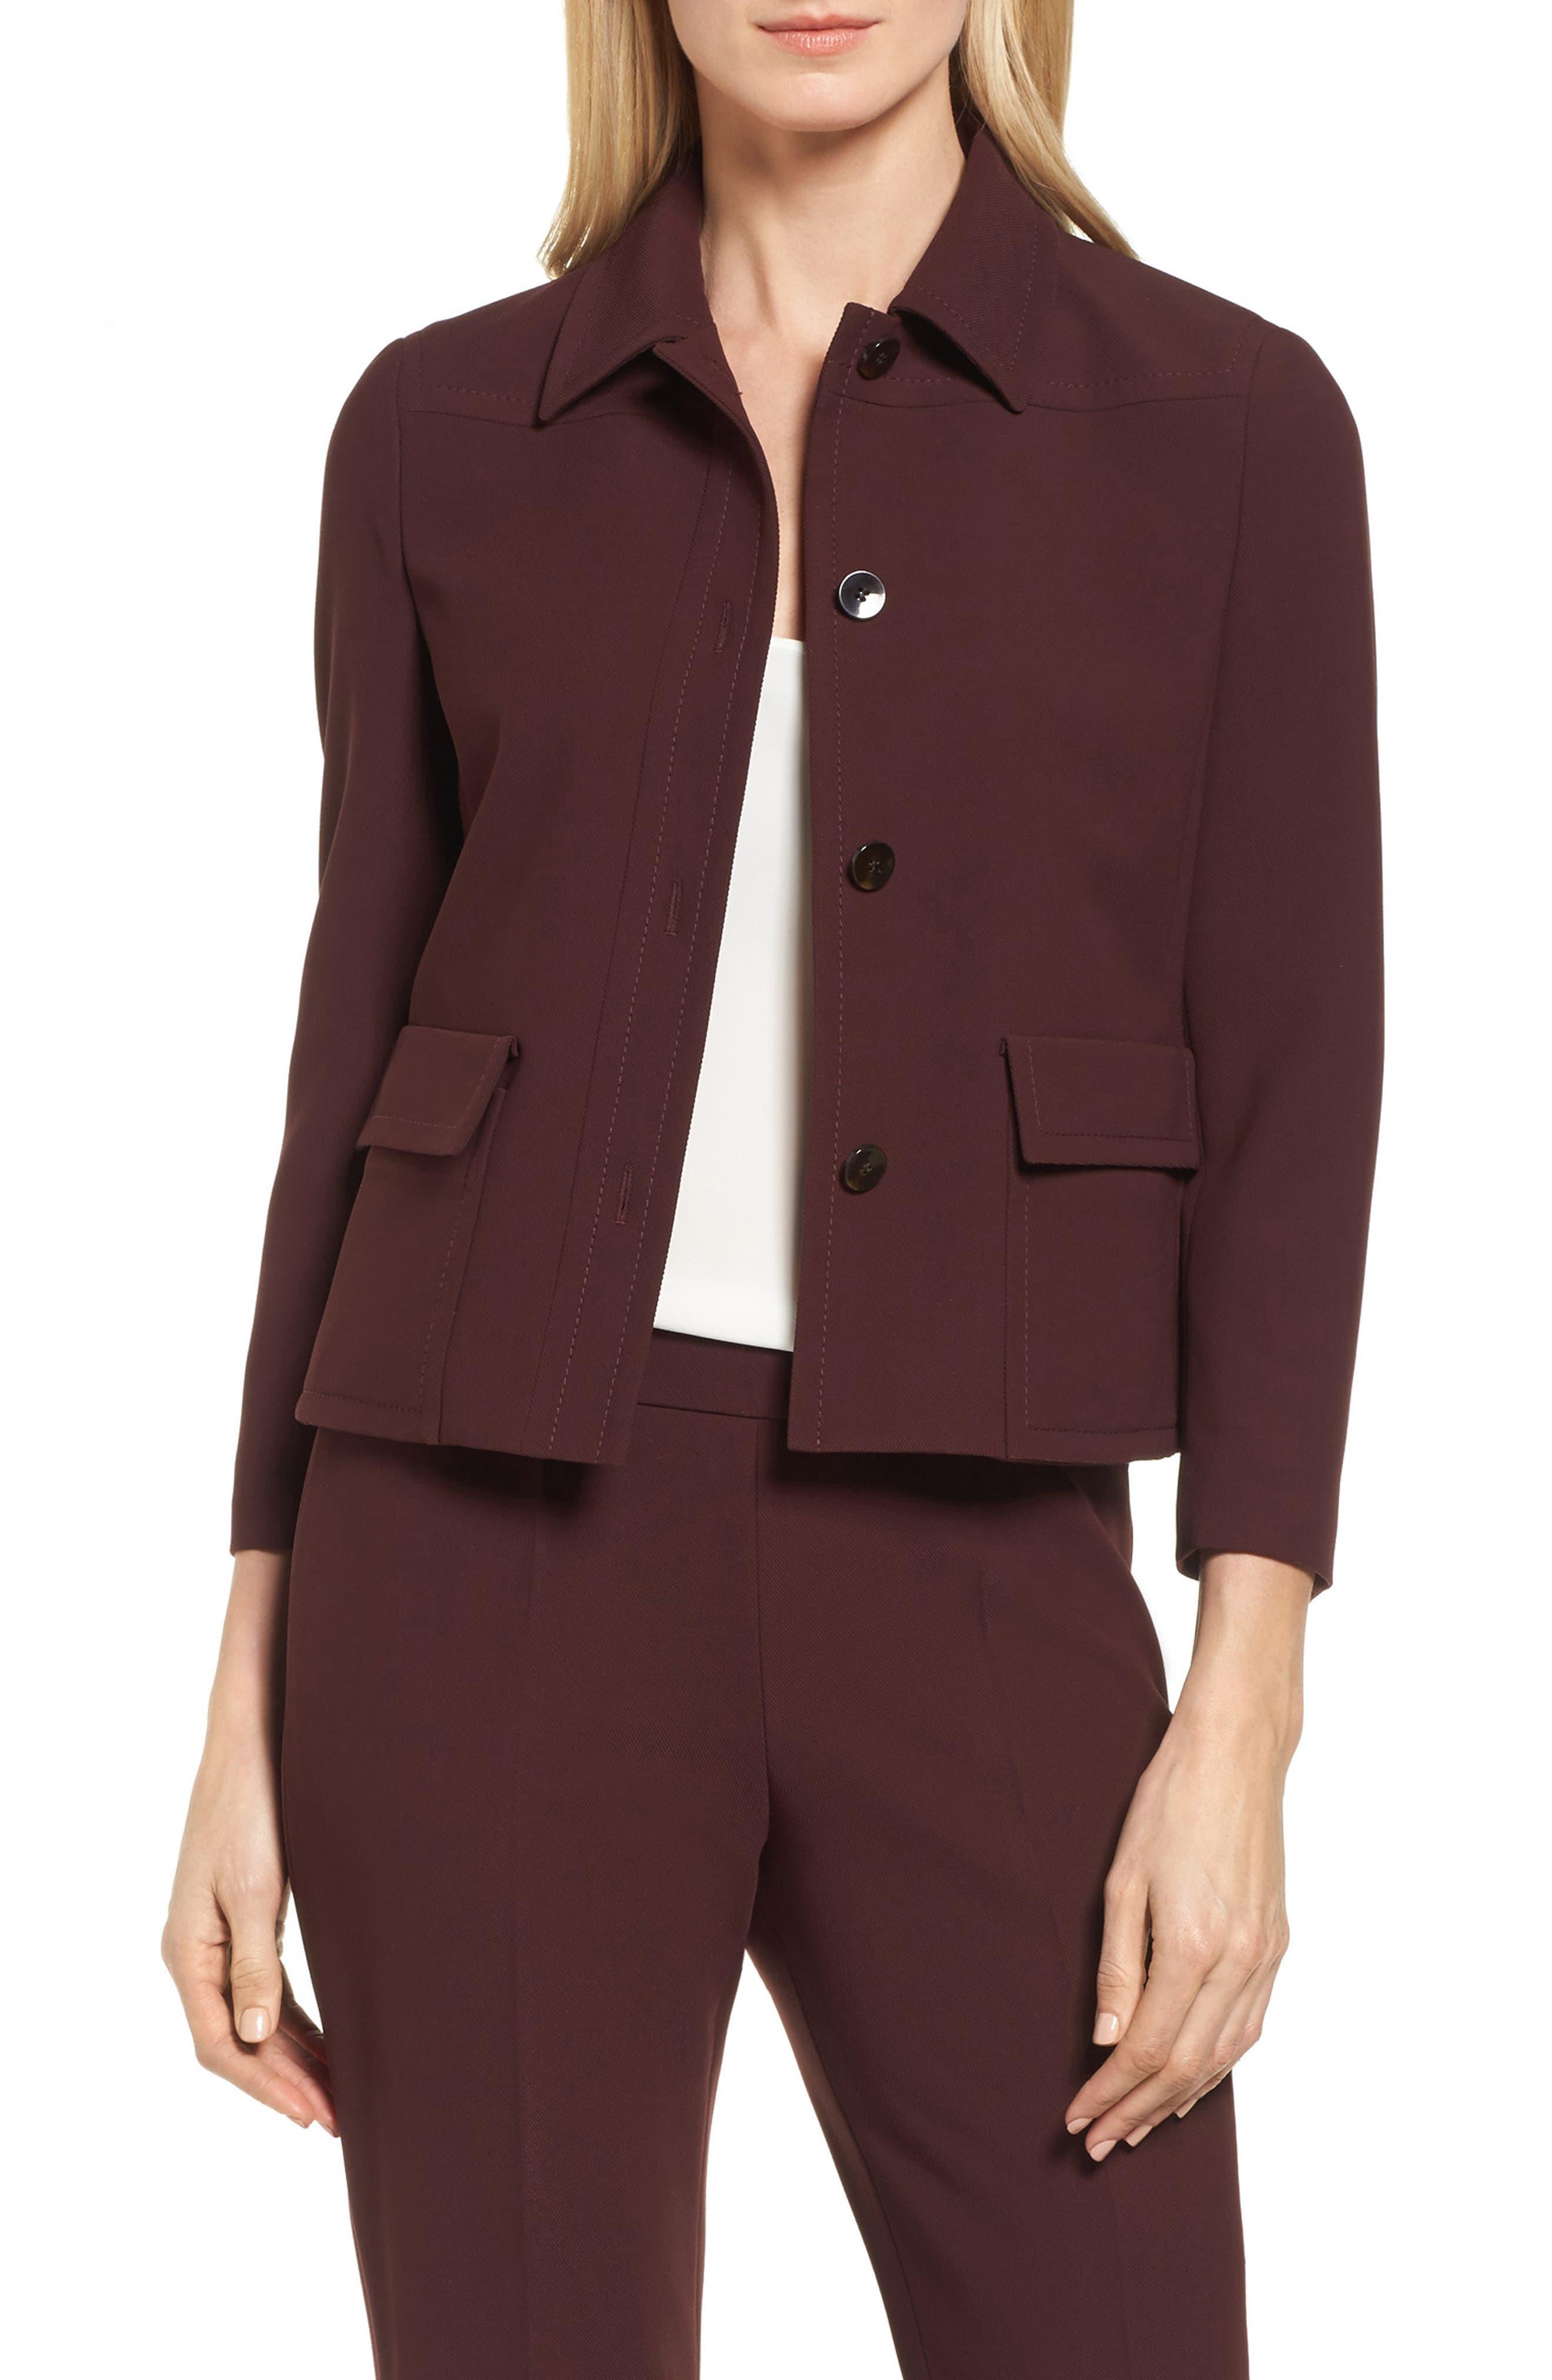 Juriona Suit Jacket,                         Main,                         color,